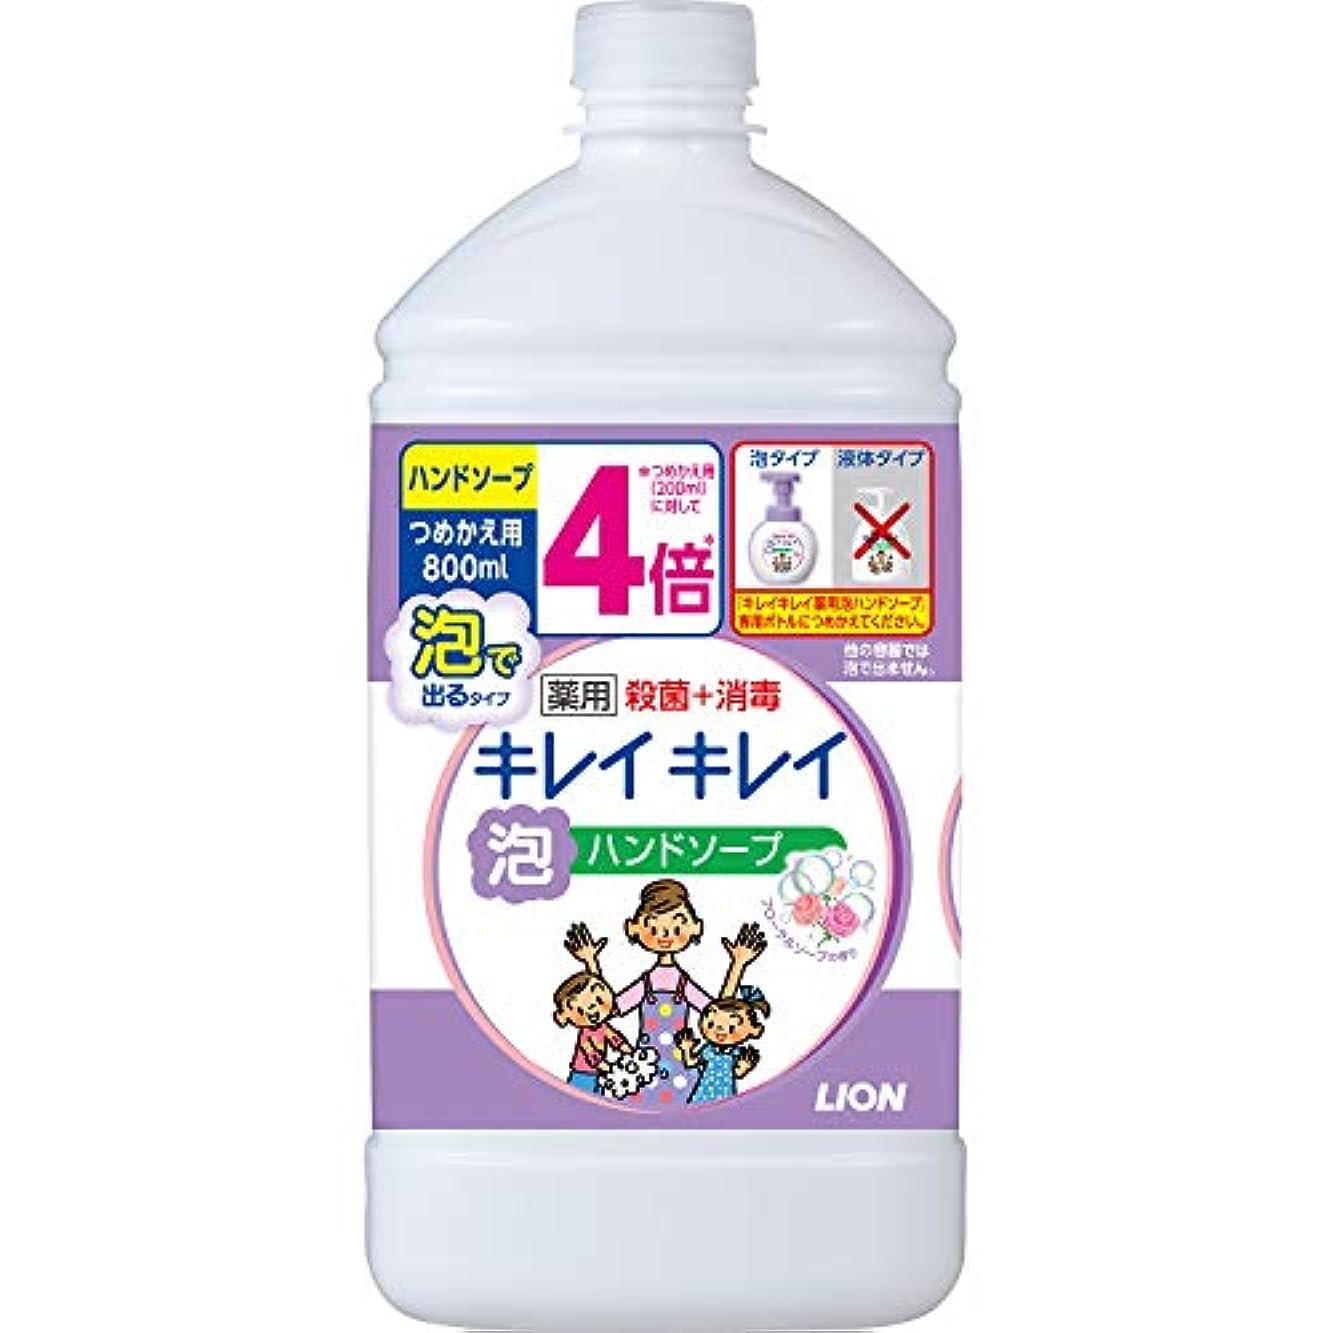 最後にパンチサイレント(医薬部外品)【大容量】キレイキレイ 薬用 泡ハンドソープ フローラルソープの香り 詰め替え 特大 800ml